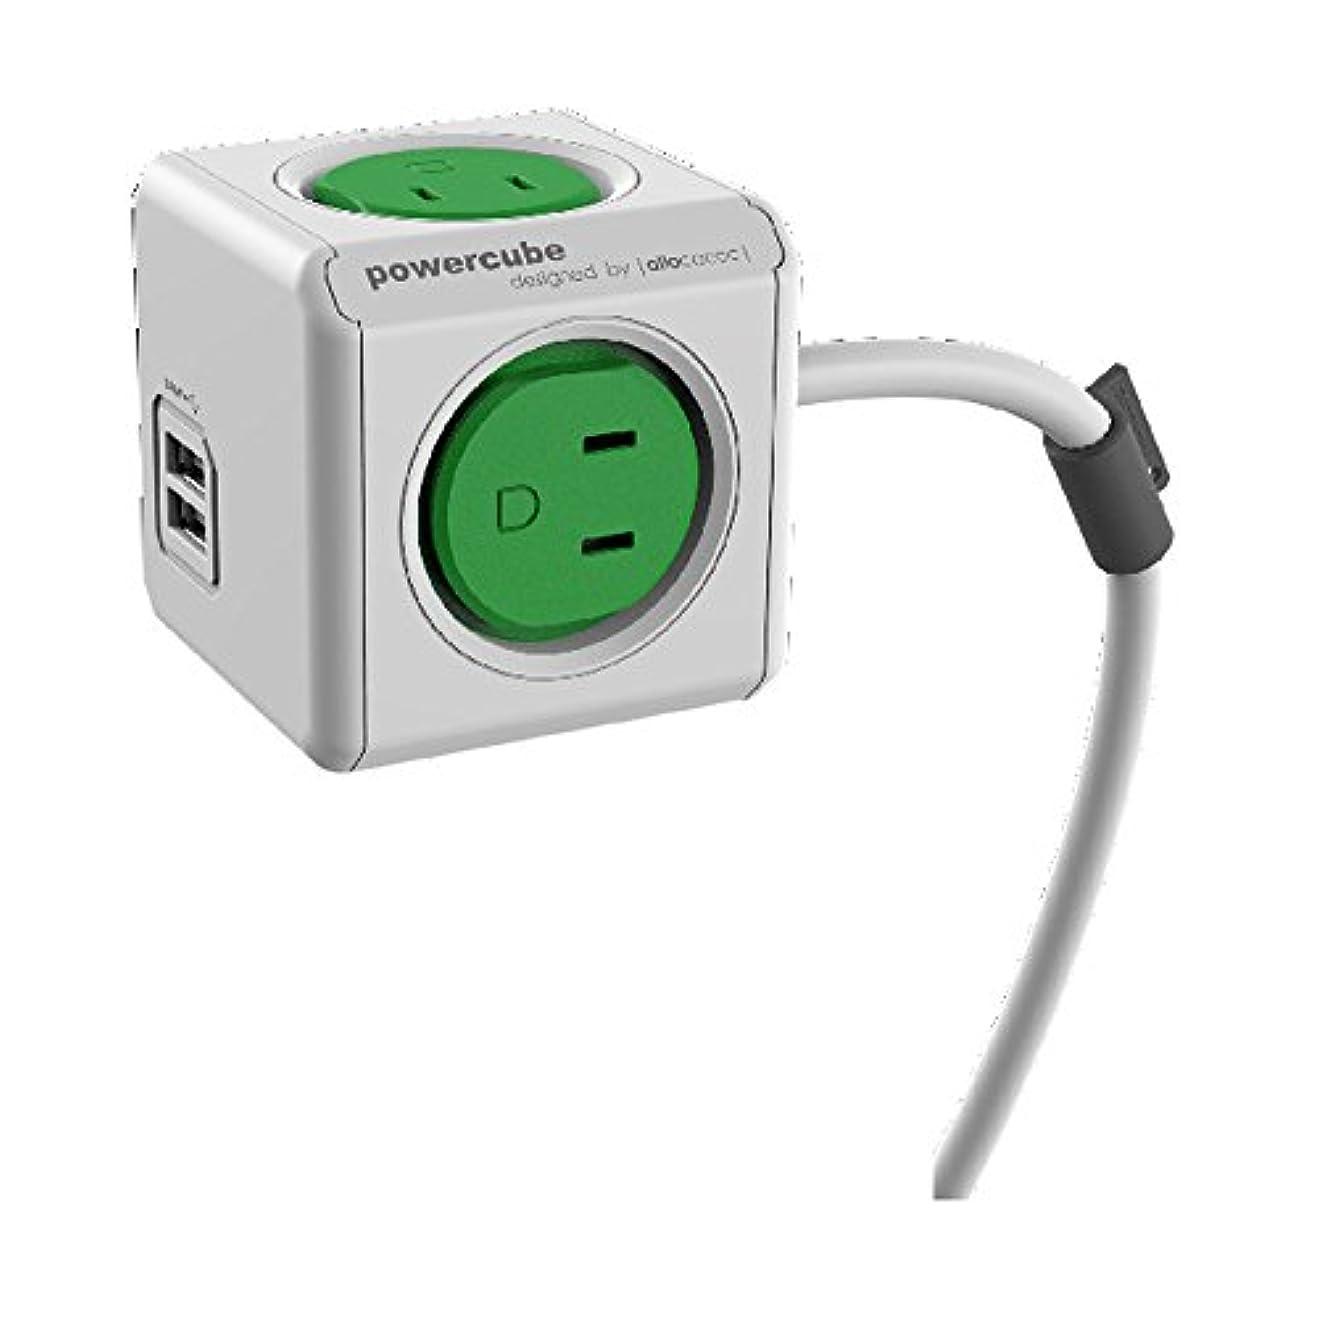 謝罪シダ持っているパワーキューブ エクステンデッド USB powercube extended USB [ グリーン ] 電源タップ 延長コード USBポート